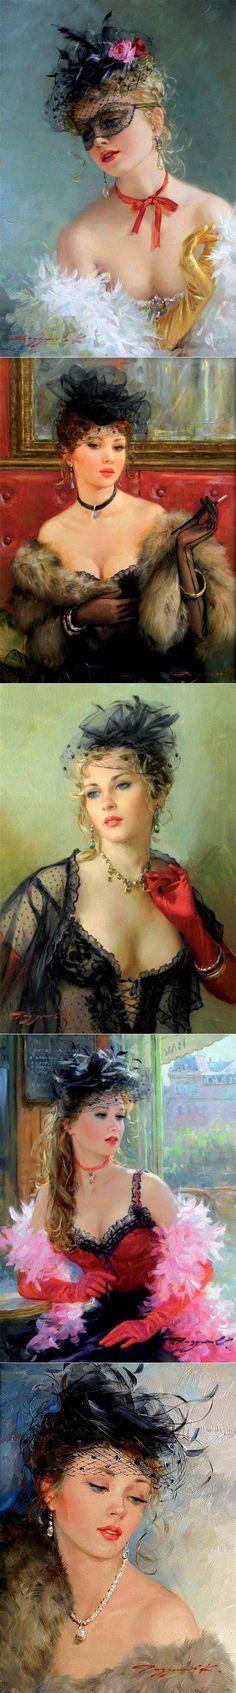 Художник Константин Разумов: 'О, эта женщина в дымке вуали... ' | искусство | Постила